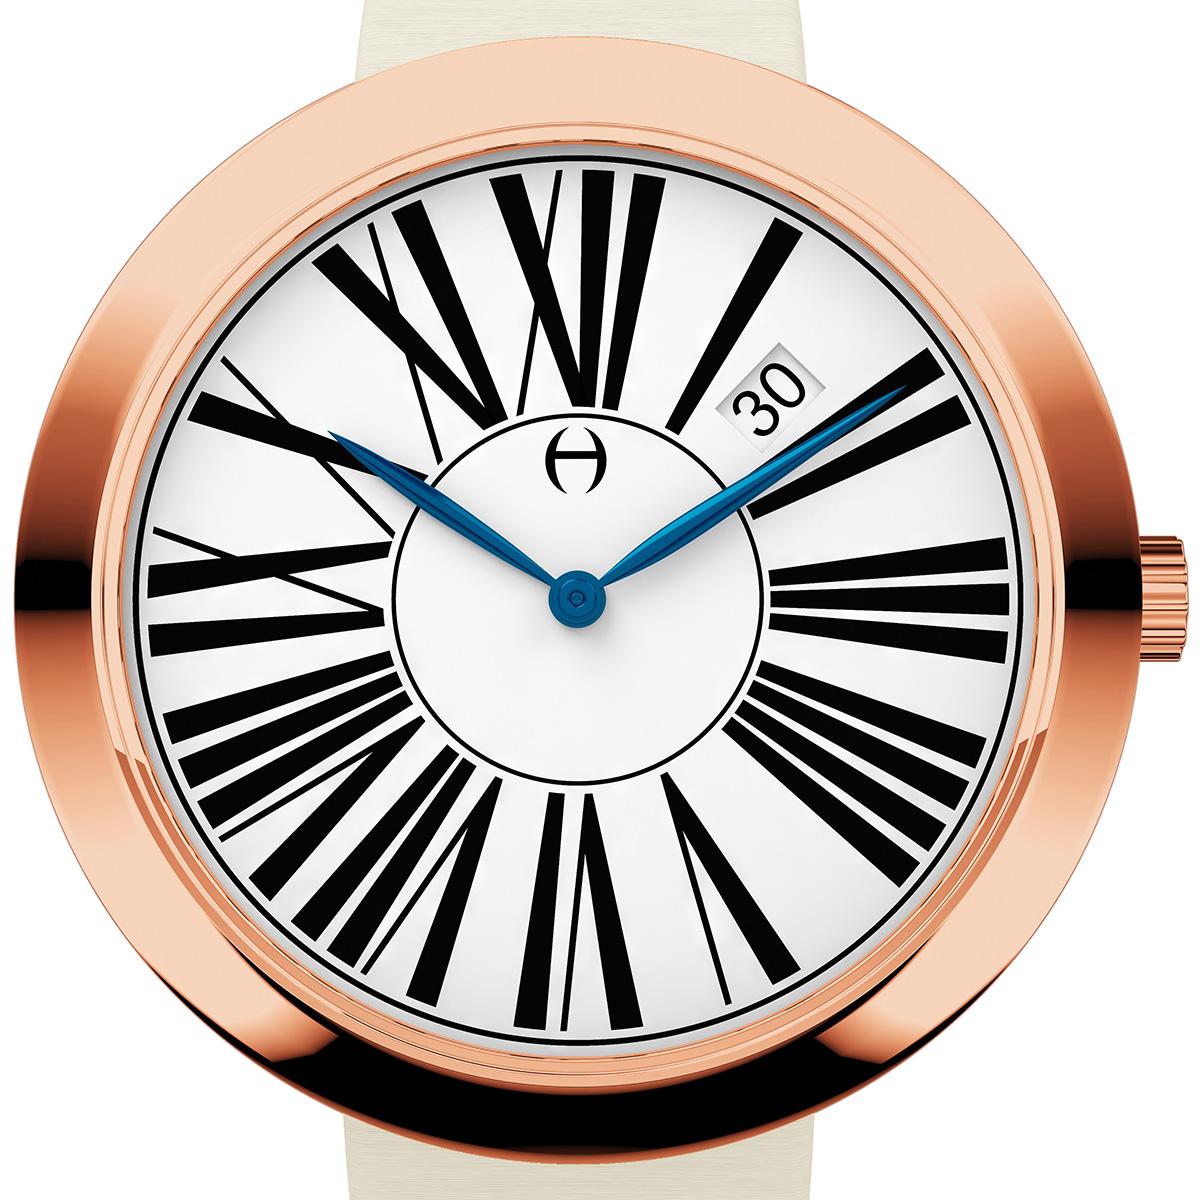 【残り1点】Oliver Hemming オリバーヘミング クォーツ 腕時計 イギリス アート デザイン [WT35R53WIS] 正規代理店品 純正ケース メーカー保証